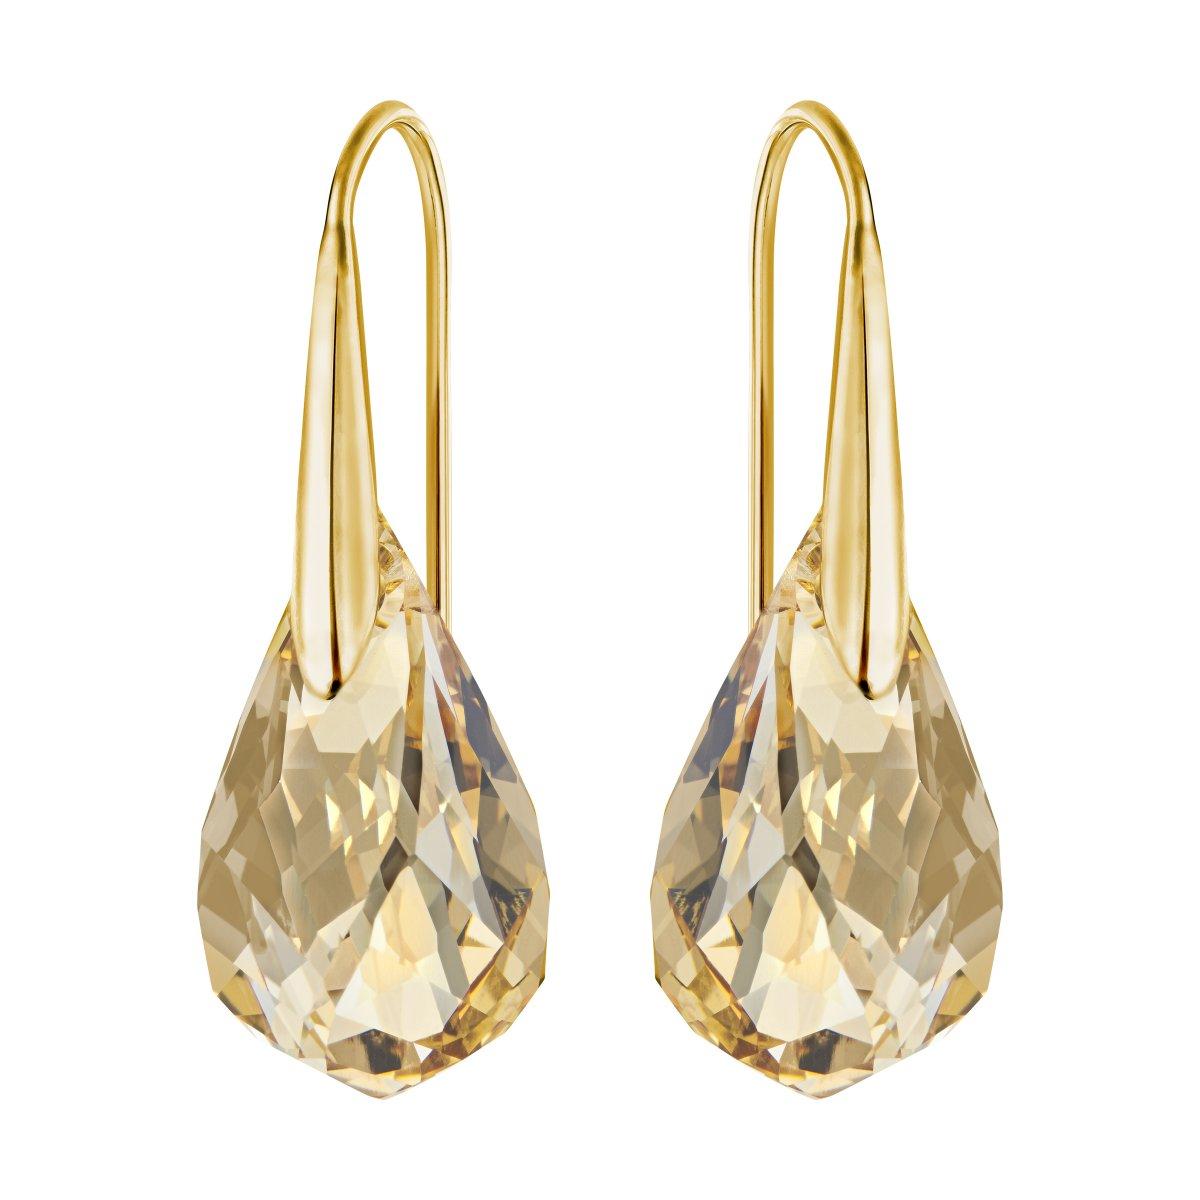 Náušnice SWAROVSKI so zlatistým krištálom